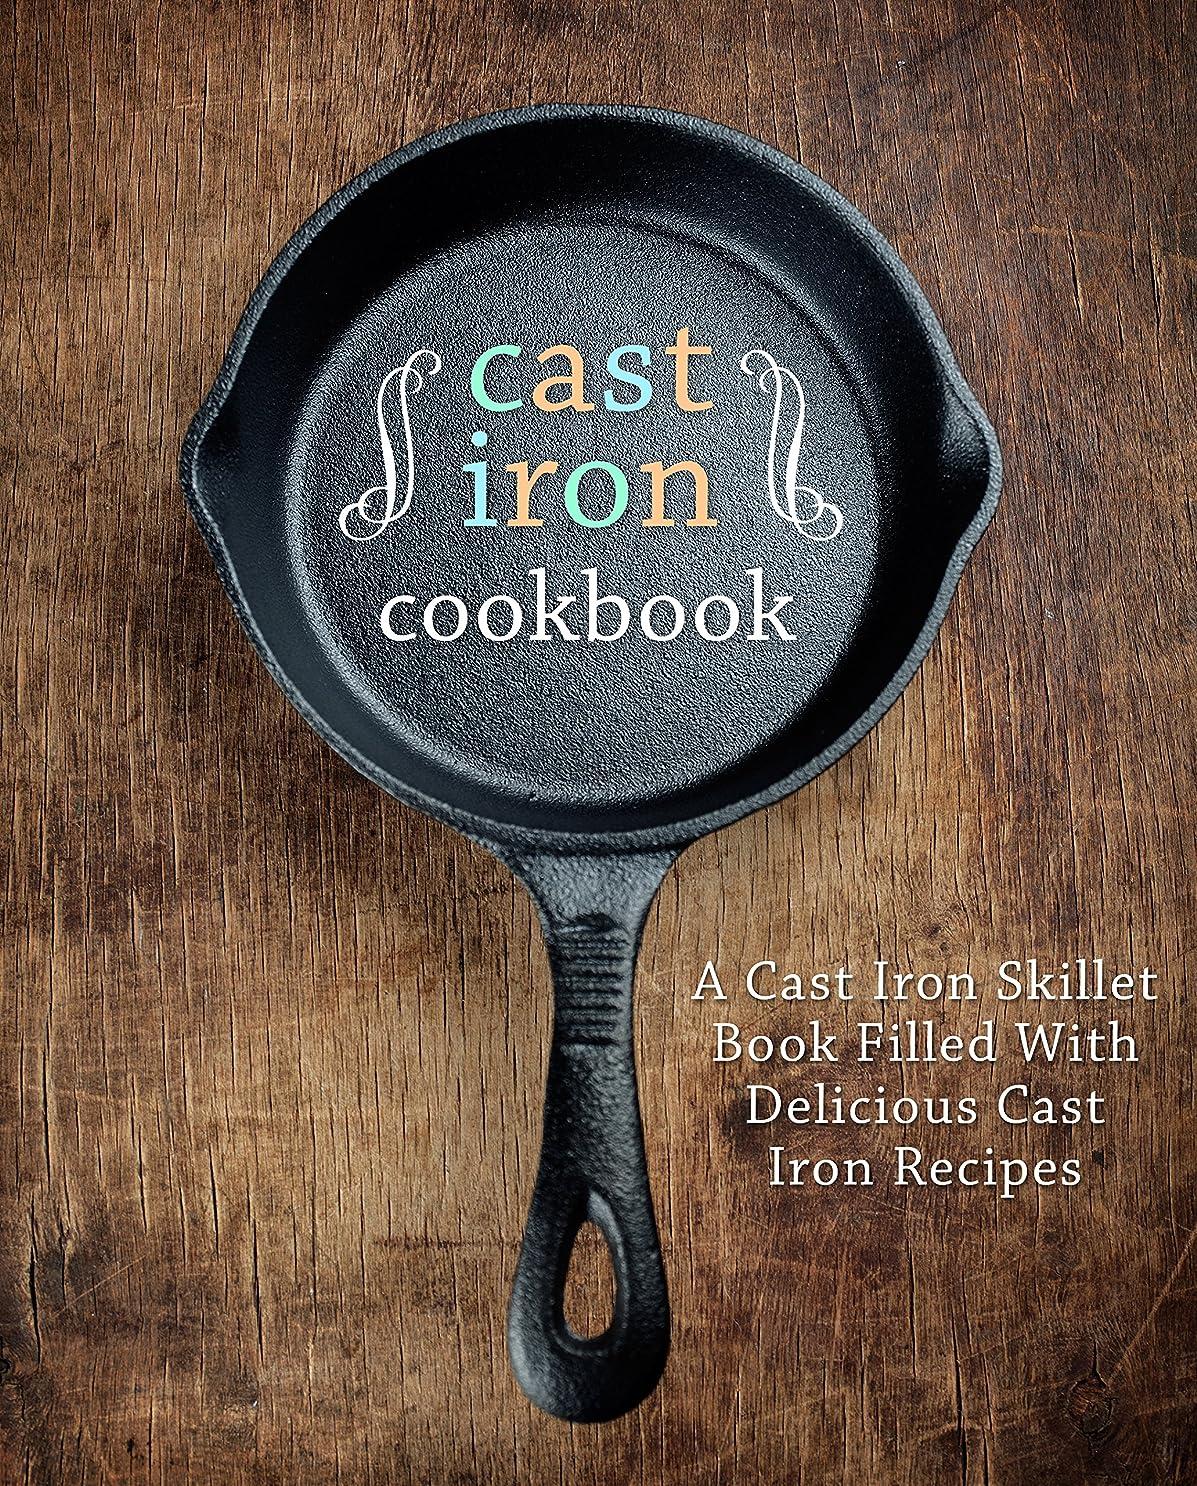 リサイクルする羊第九Cast Iron Cookbook: A Cast Iron Skillet Book Filled With Delicious Cast Iron Recipes (English Edition)